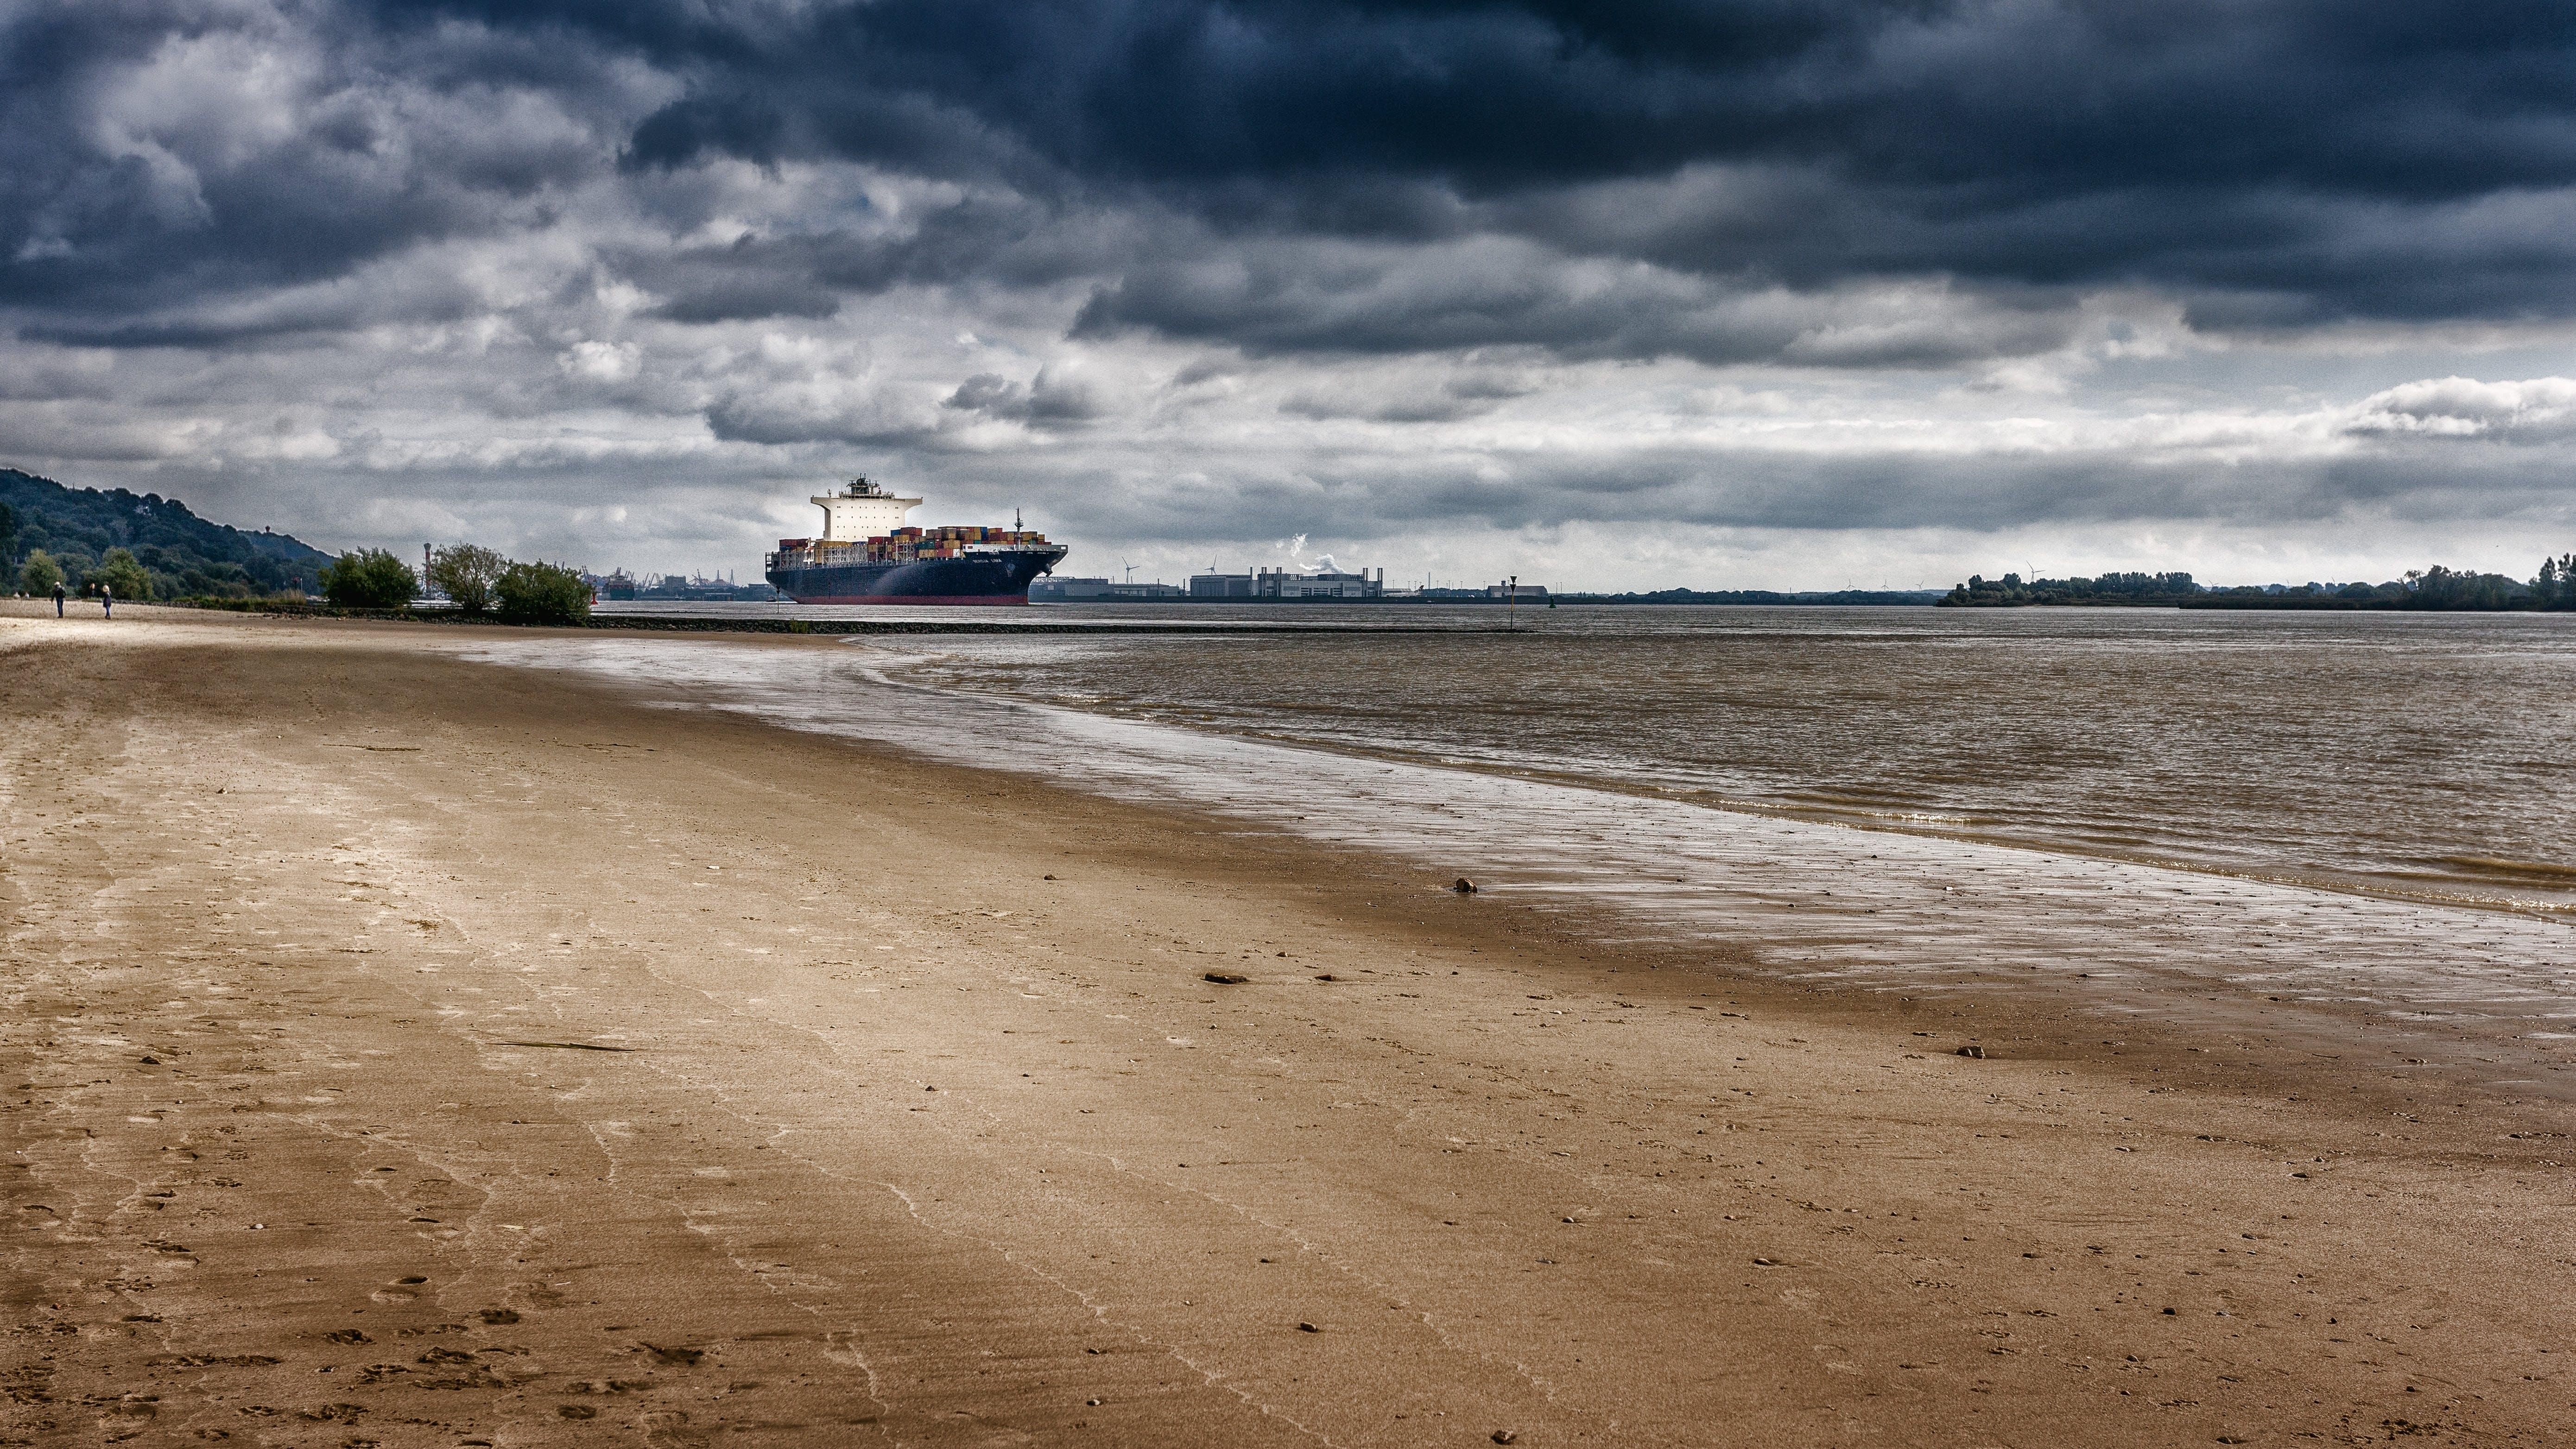 Free stock photo of city, beach, landmark, water